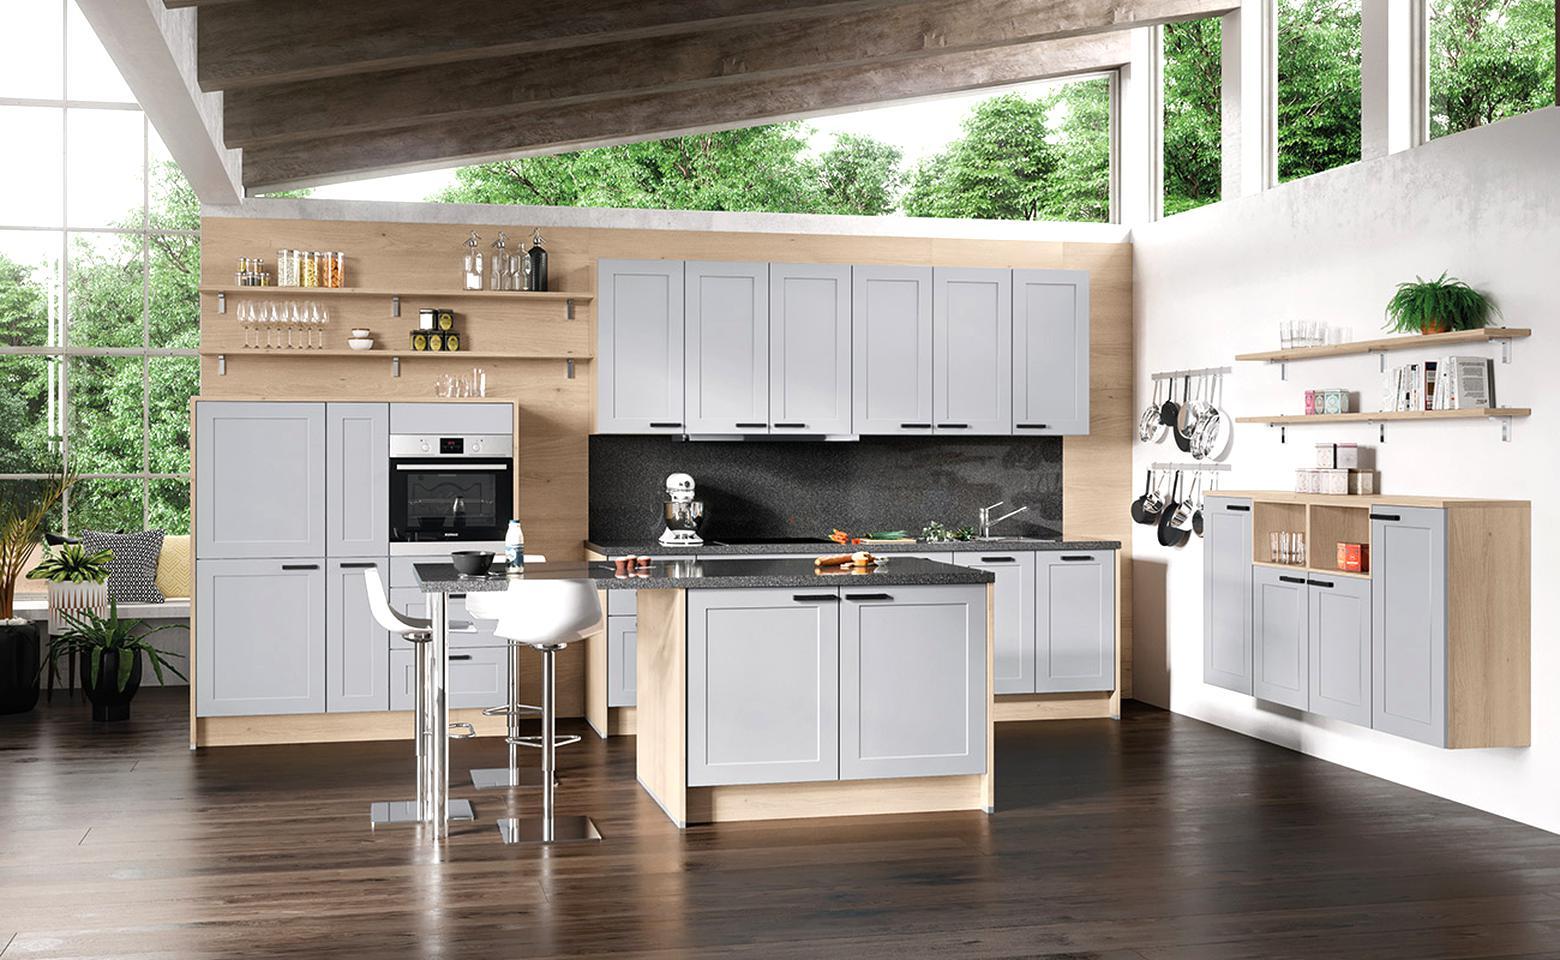 Full Size of Sconto Küchen Gnstige Komplett Kchen Mit E Gerten Gnstig Mbel Boss Regal Wohnzimmer Sconto Küchen